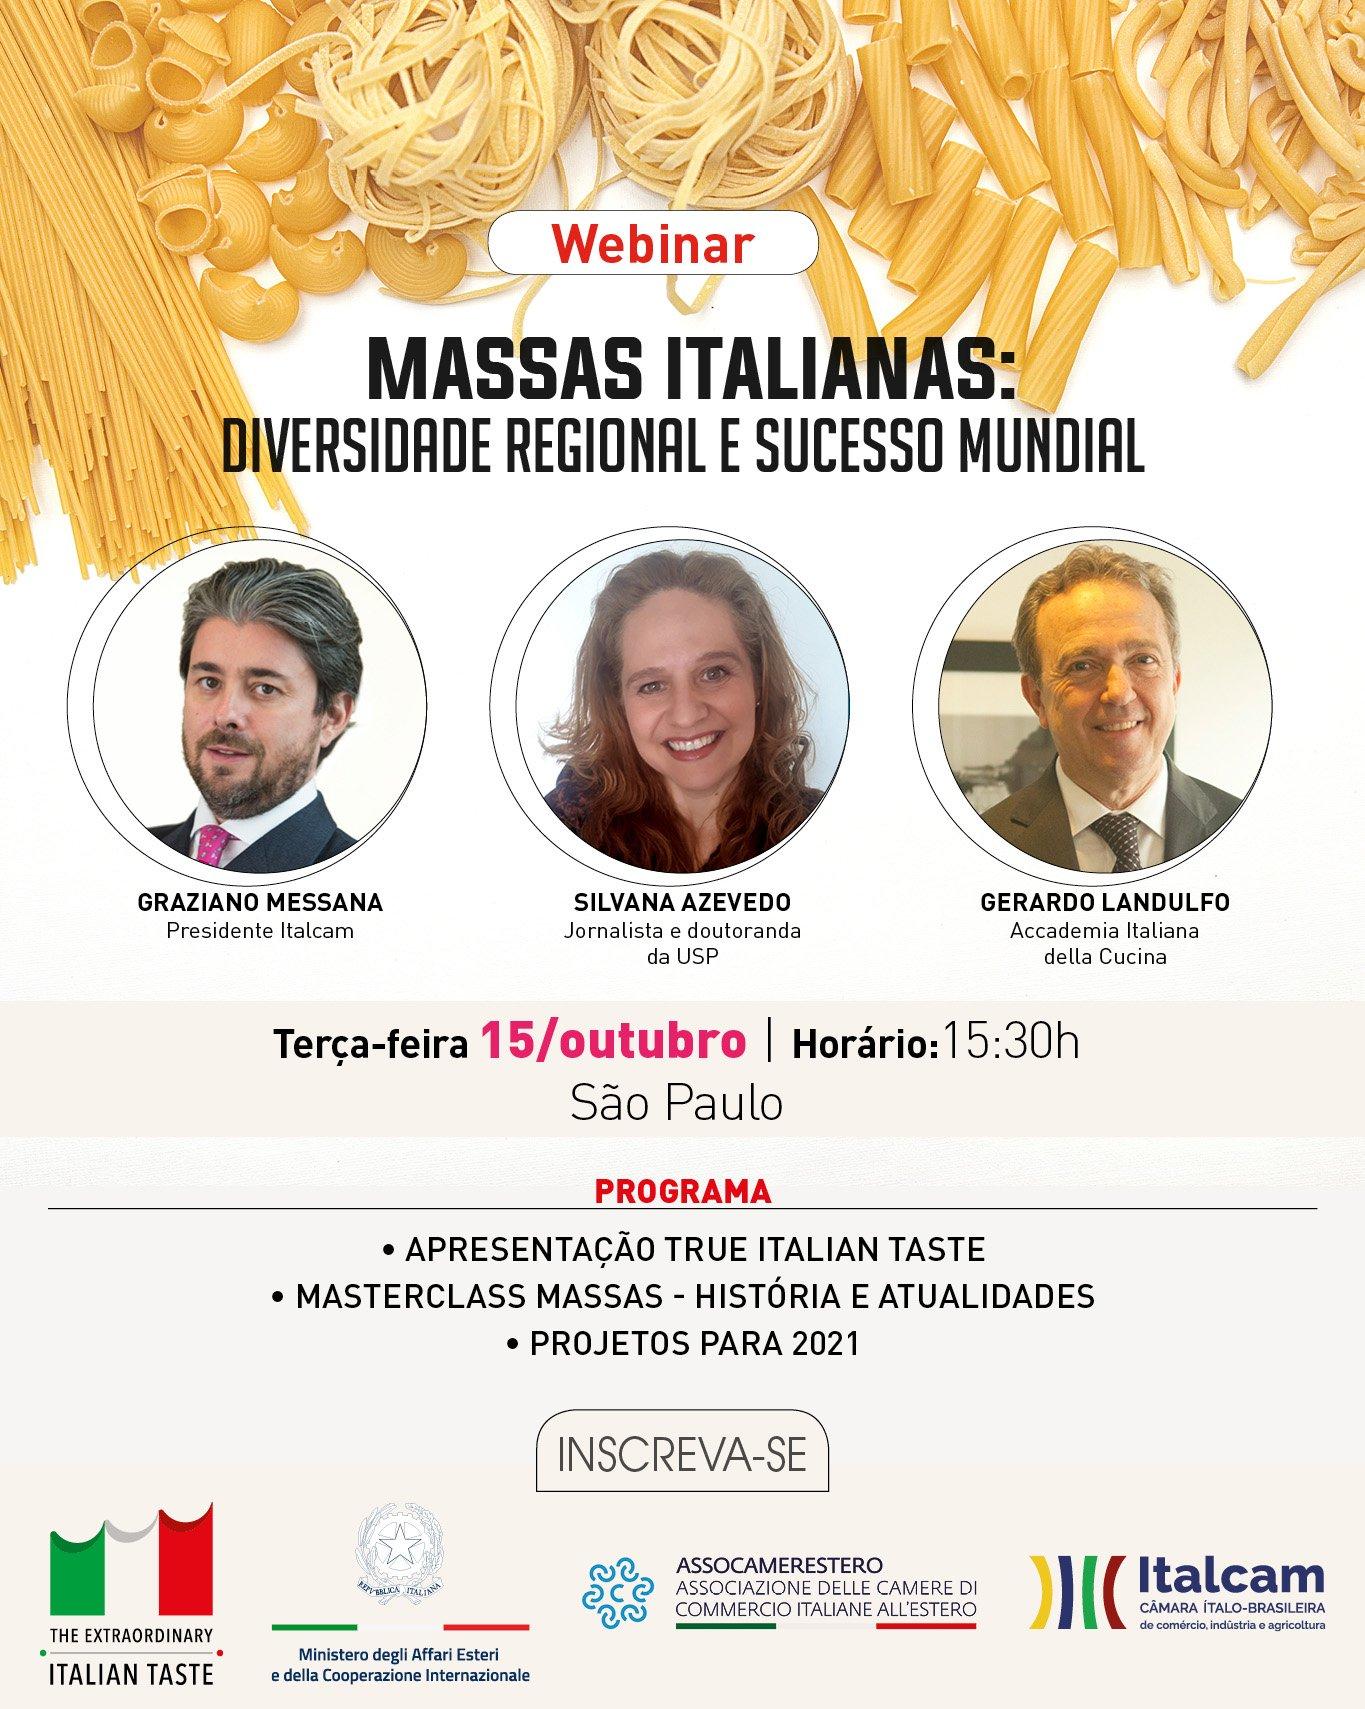 Massas Italianas: diversidade regional e sucesso mundial